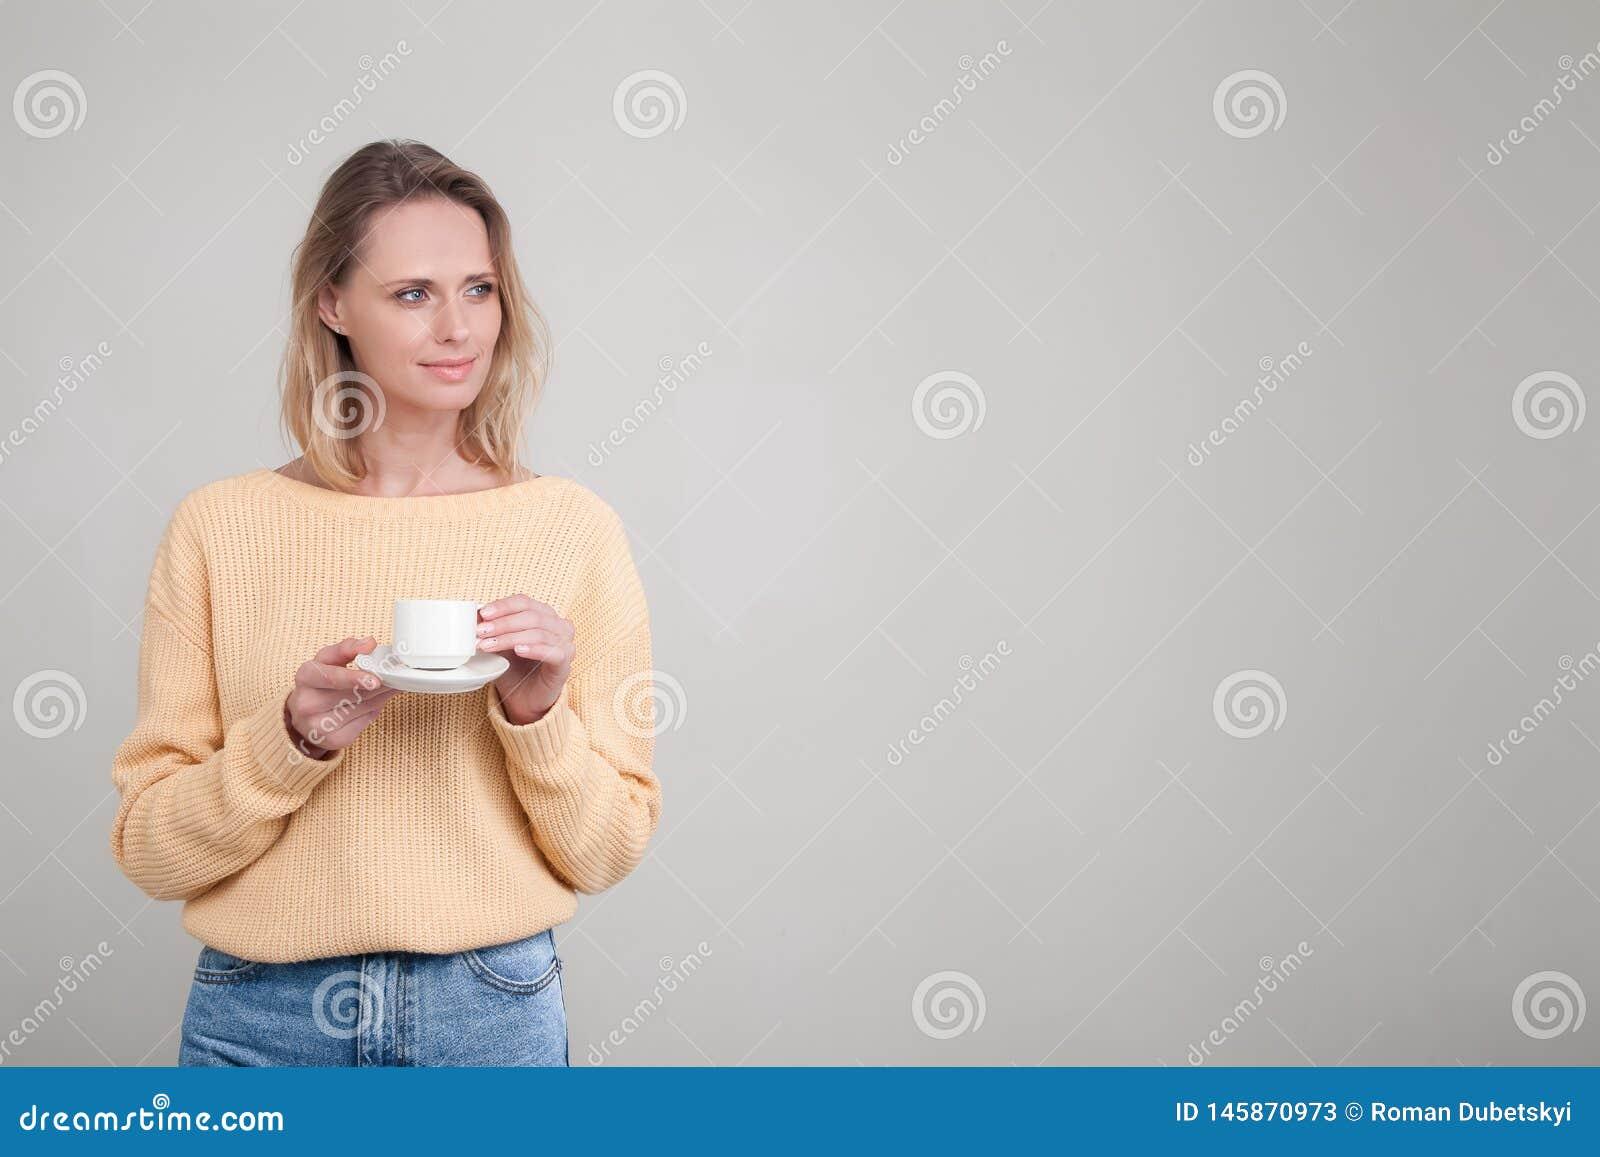 Den h?rliga unga mjuka flickan med blont h?r som st?r med en kopp kaffe i hennes h?nder, ?r hon ikl?dd en gul tr?ja poserar